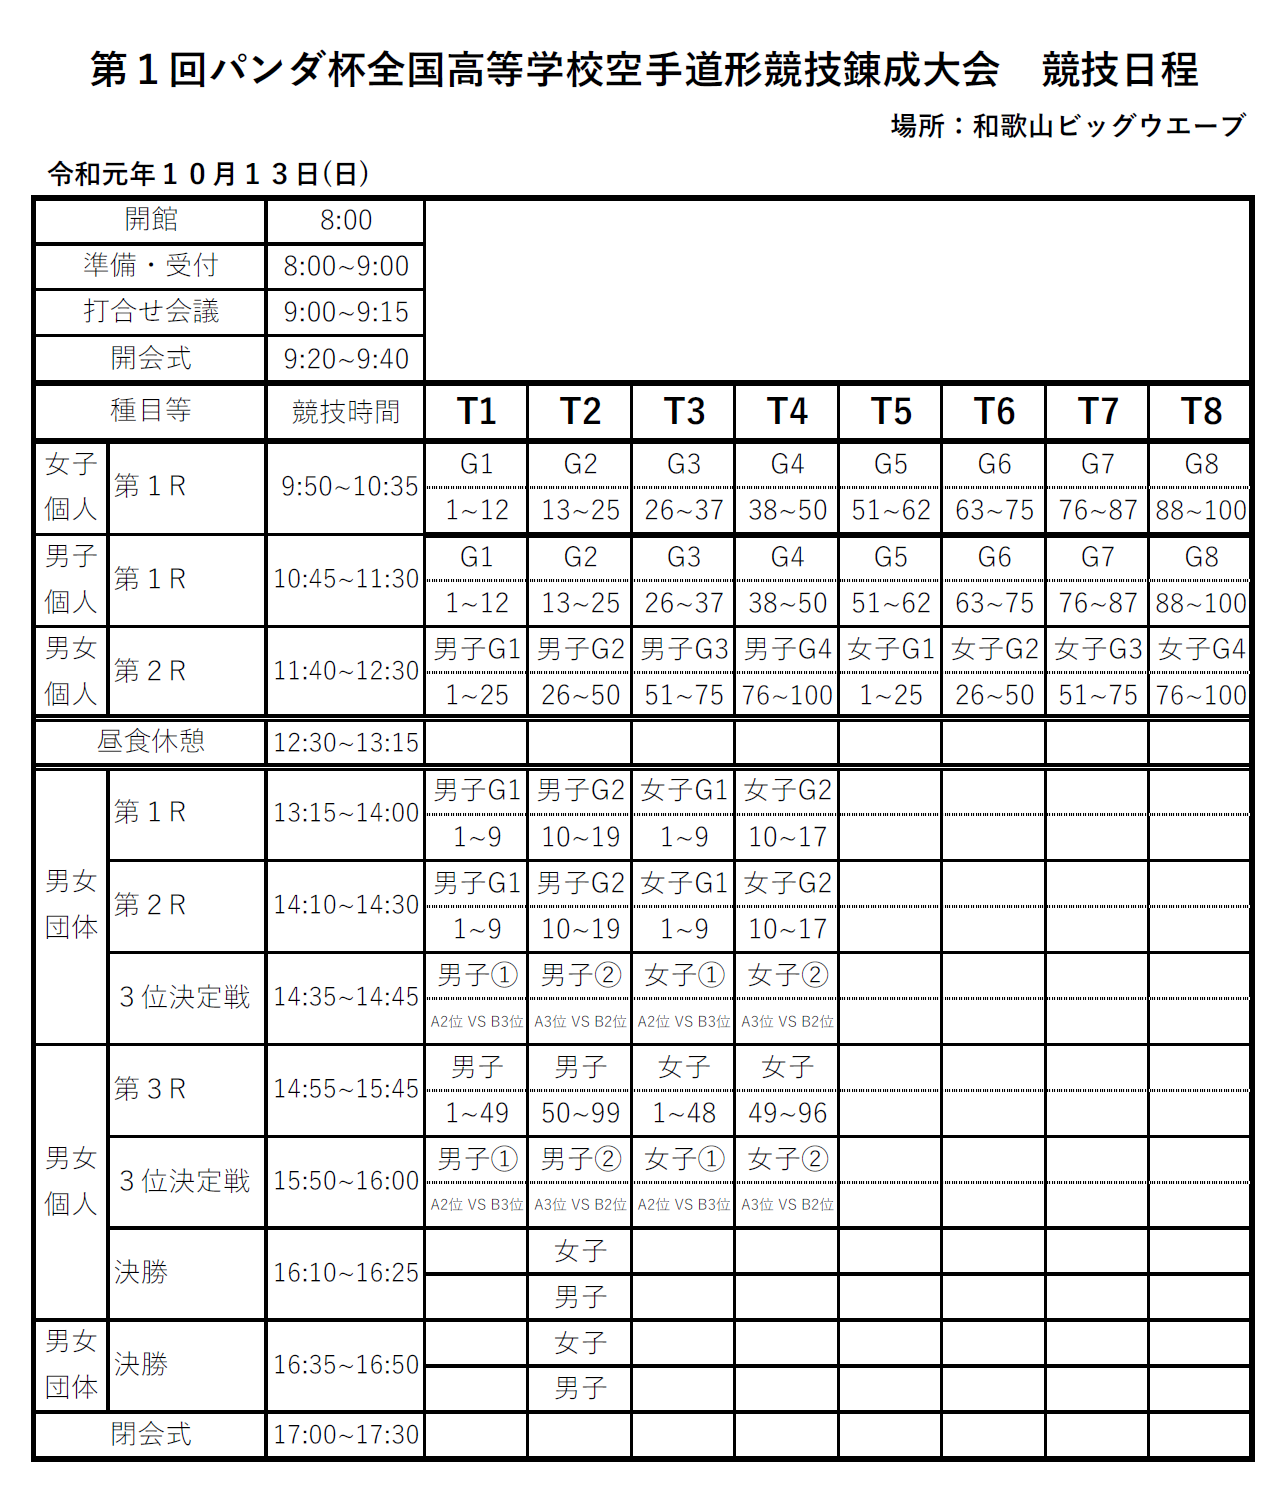 競技日程表と対戦表を掲載 第1回パンダ杯_e0238098_10370032.png